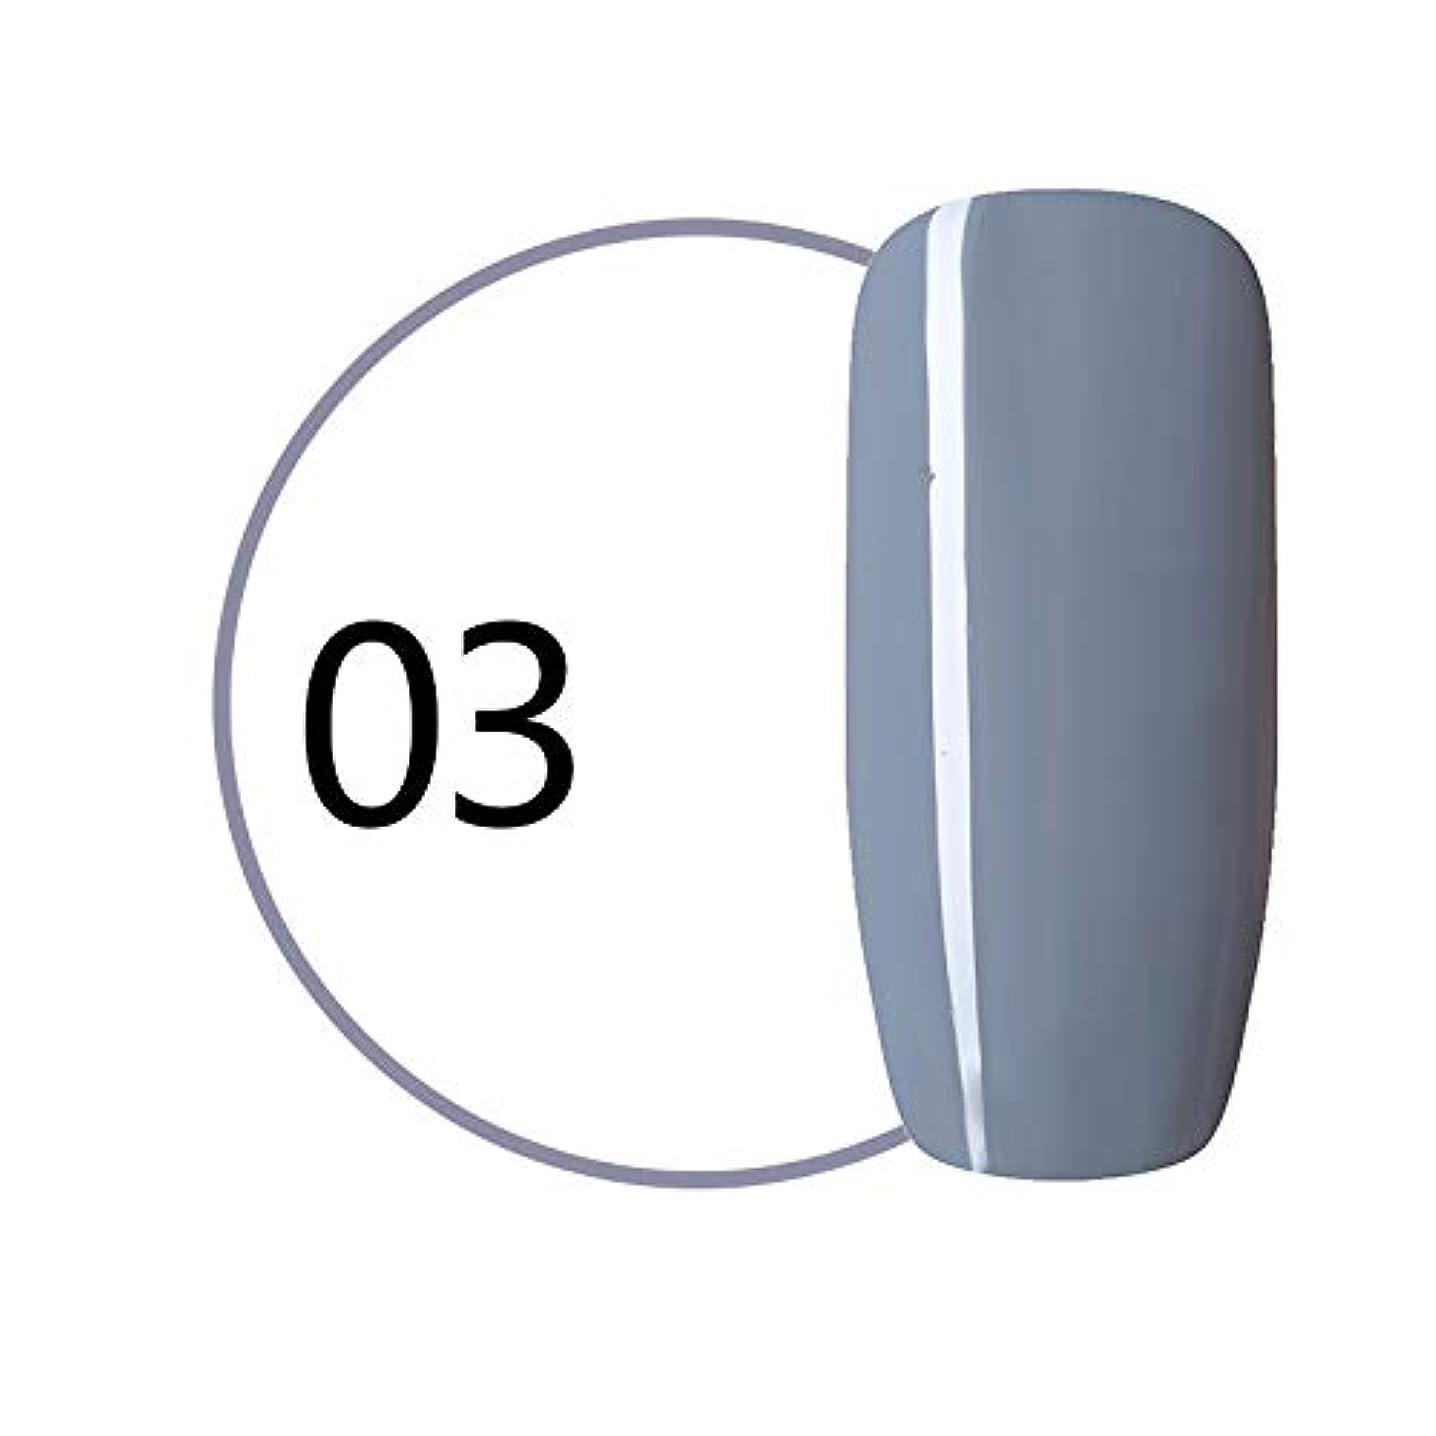 馬鹿げた面倒ポイントSymboat マニキュア ソークオフ UV LED ネイルジェルポリッシュ ワイングレーシリーズ ネイル用品 女優 人気 初心者にも対応 安全 無毒